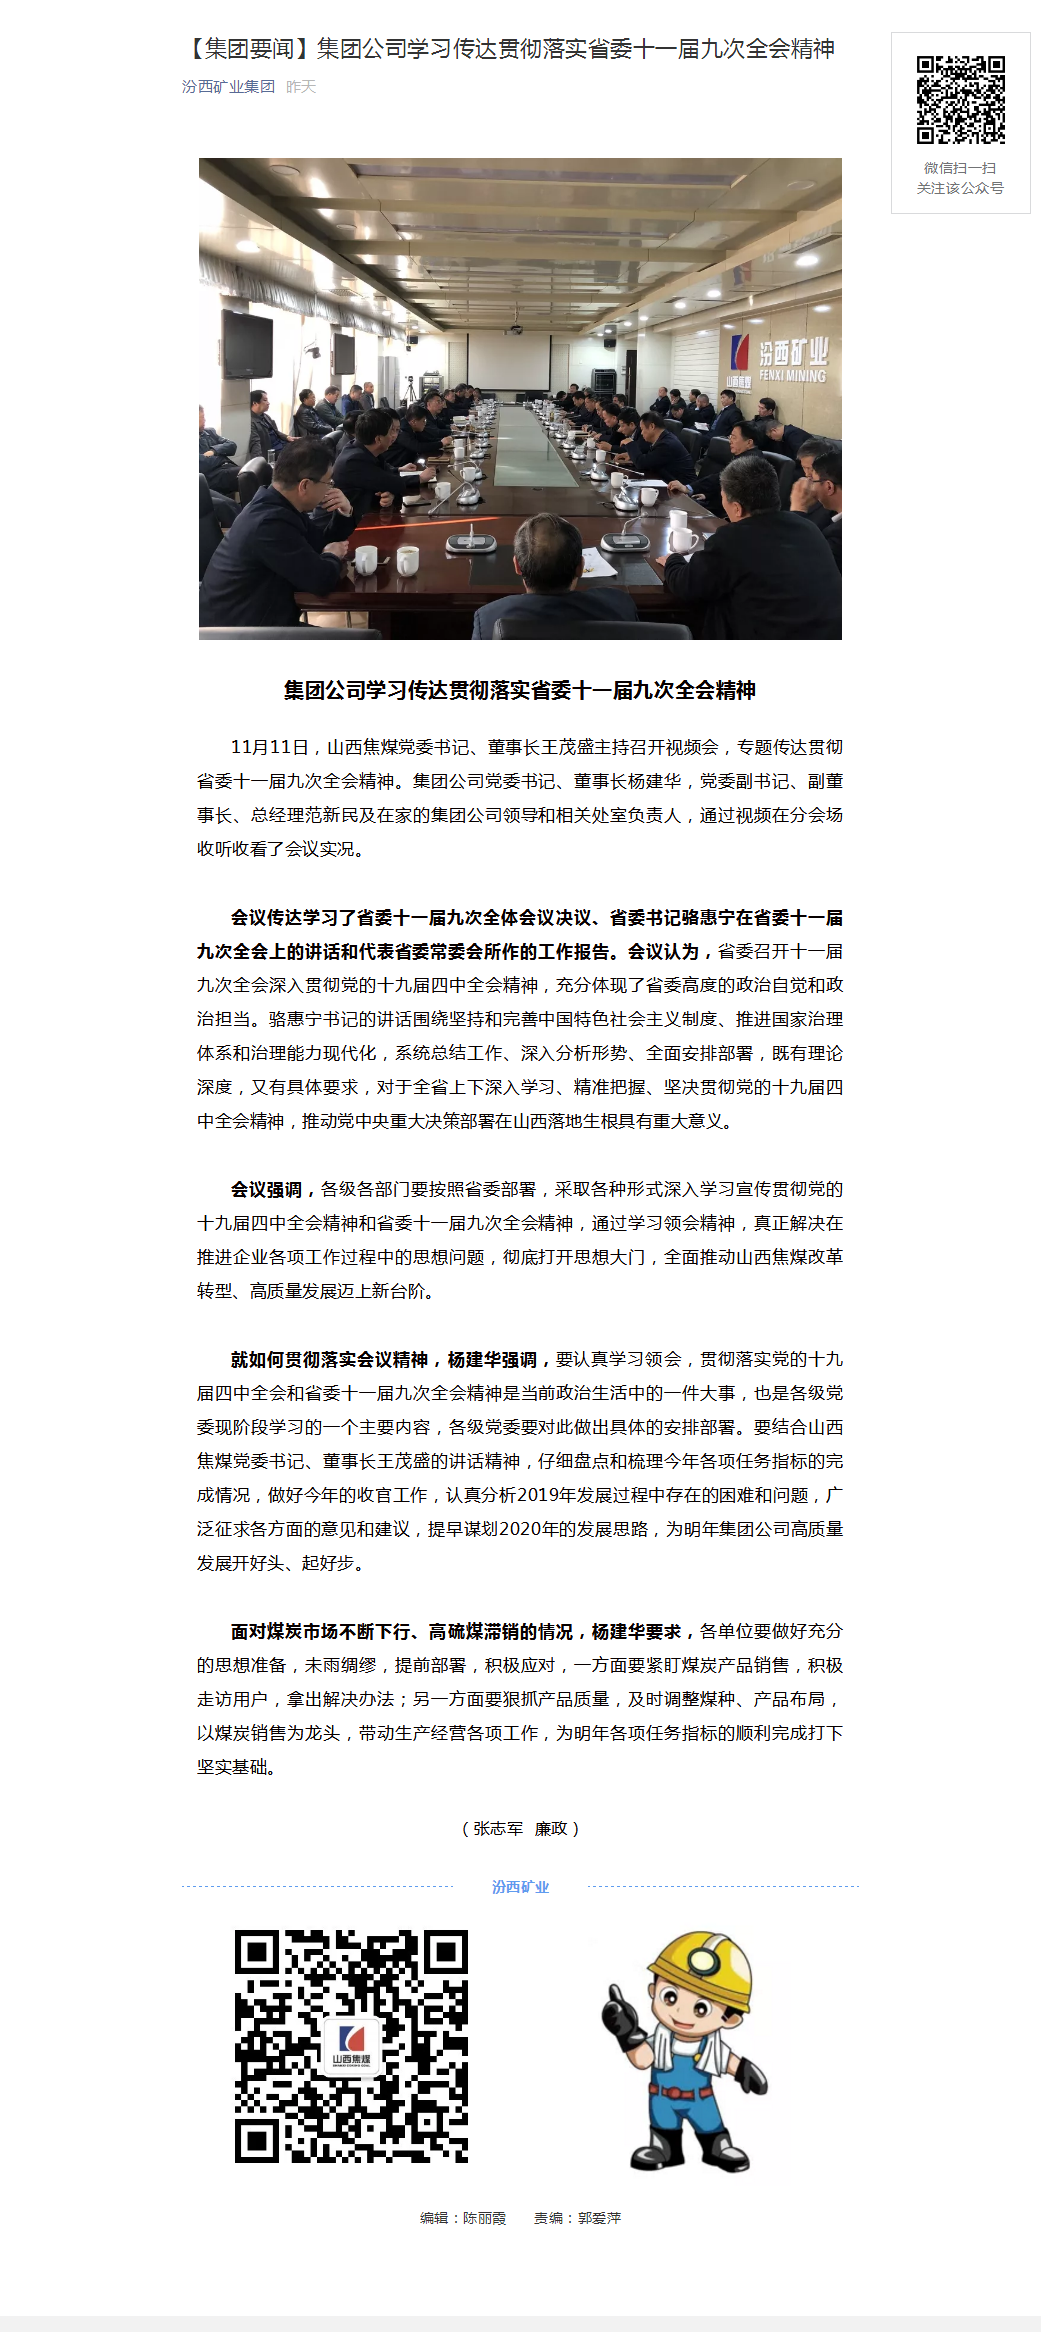 集團公司學習傳達貫徹落實省委十一屆九次全會精神.png